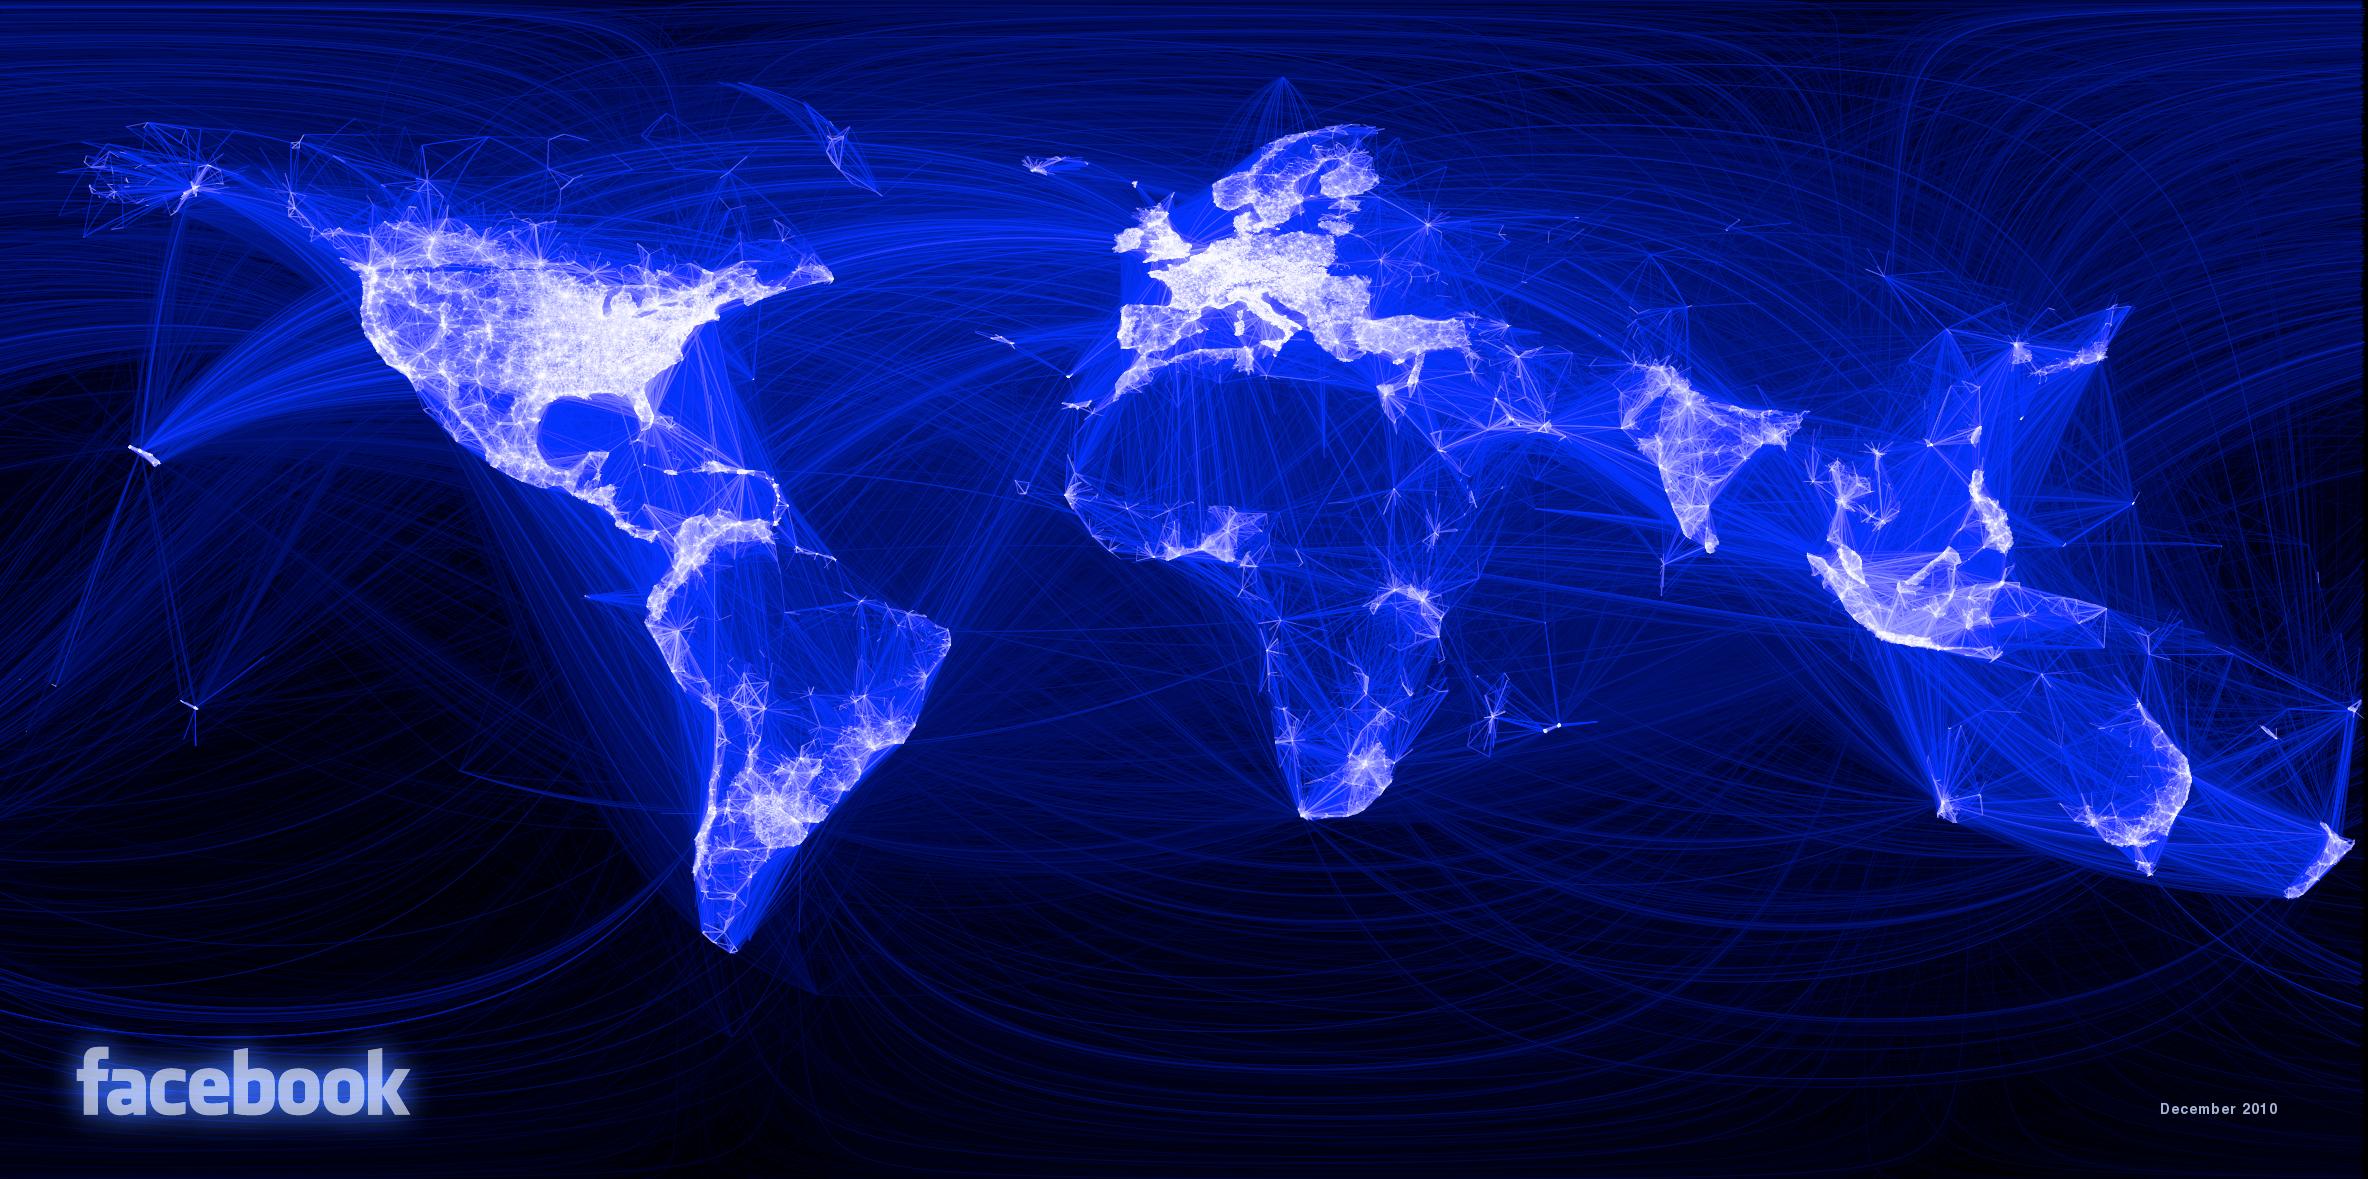 Facebook Visualization